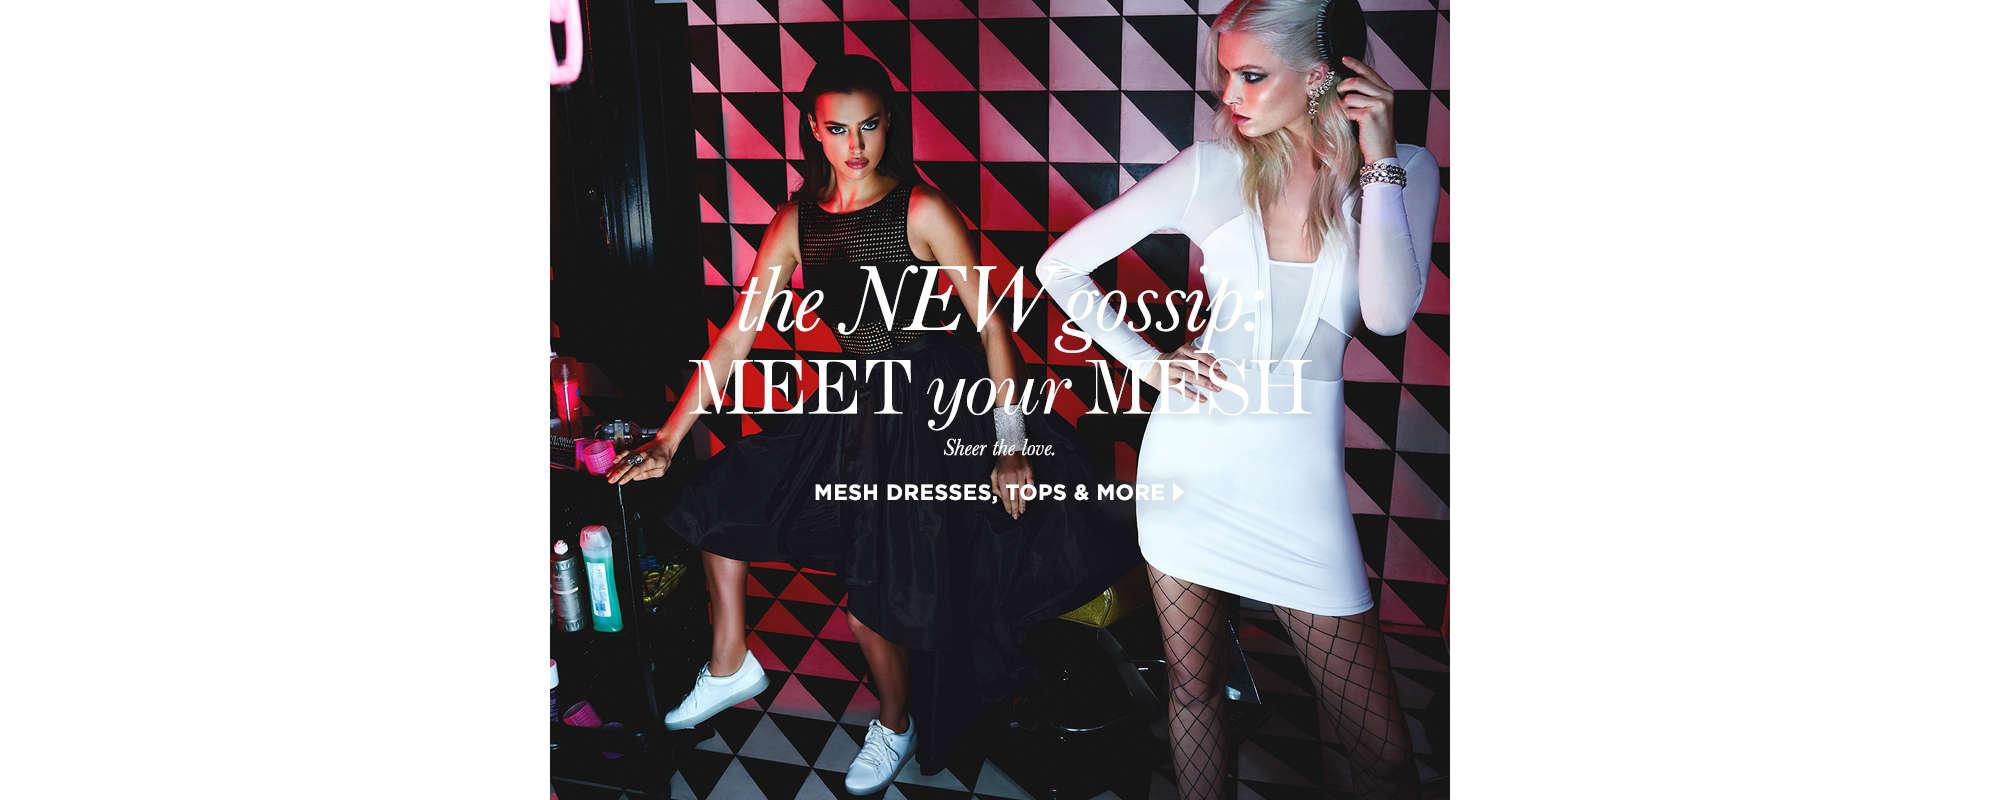 the new gossip, meet your mesh